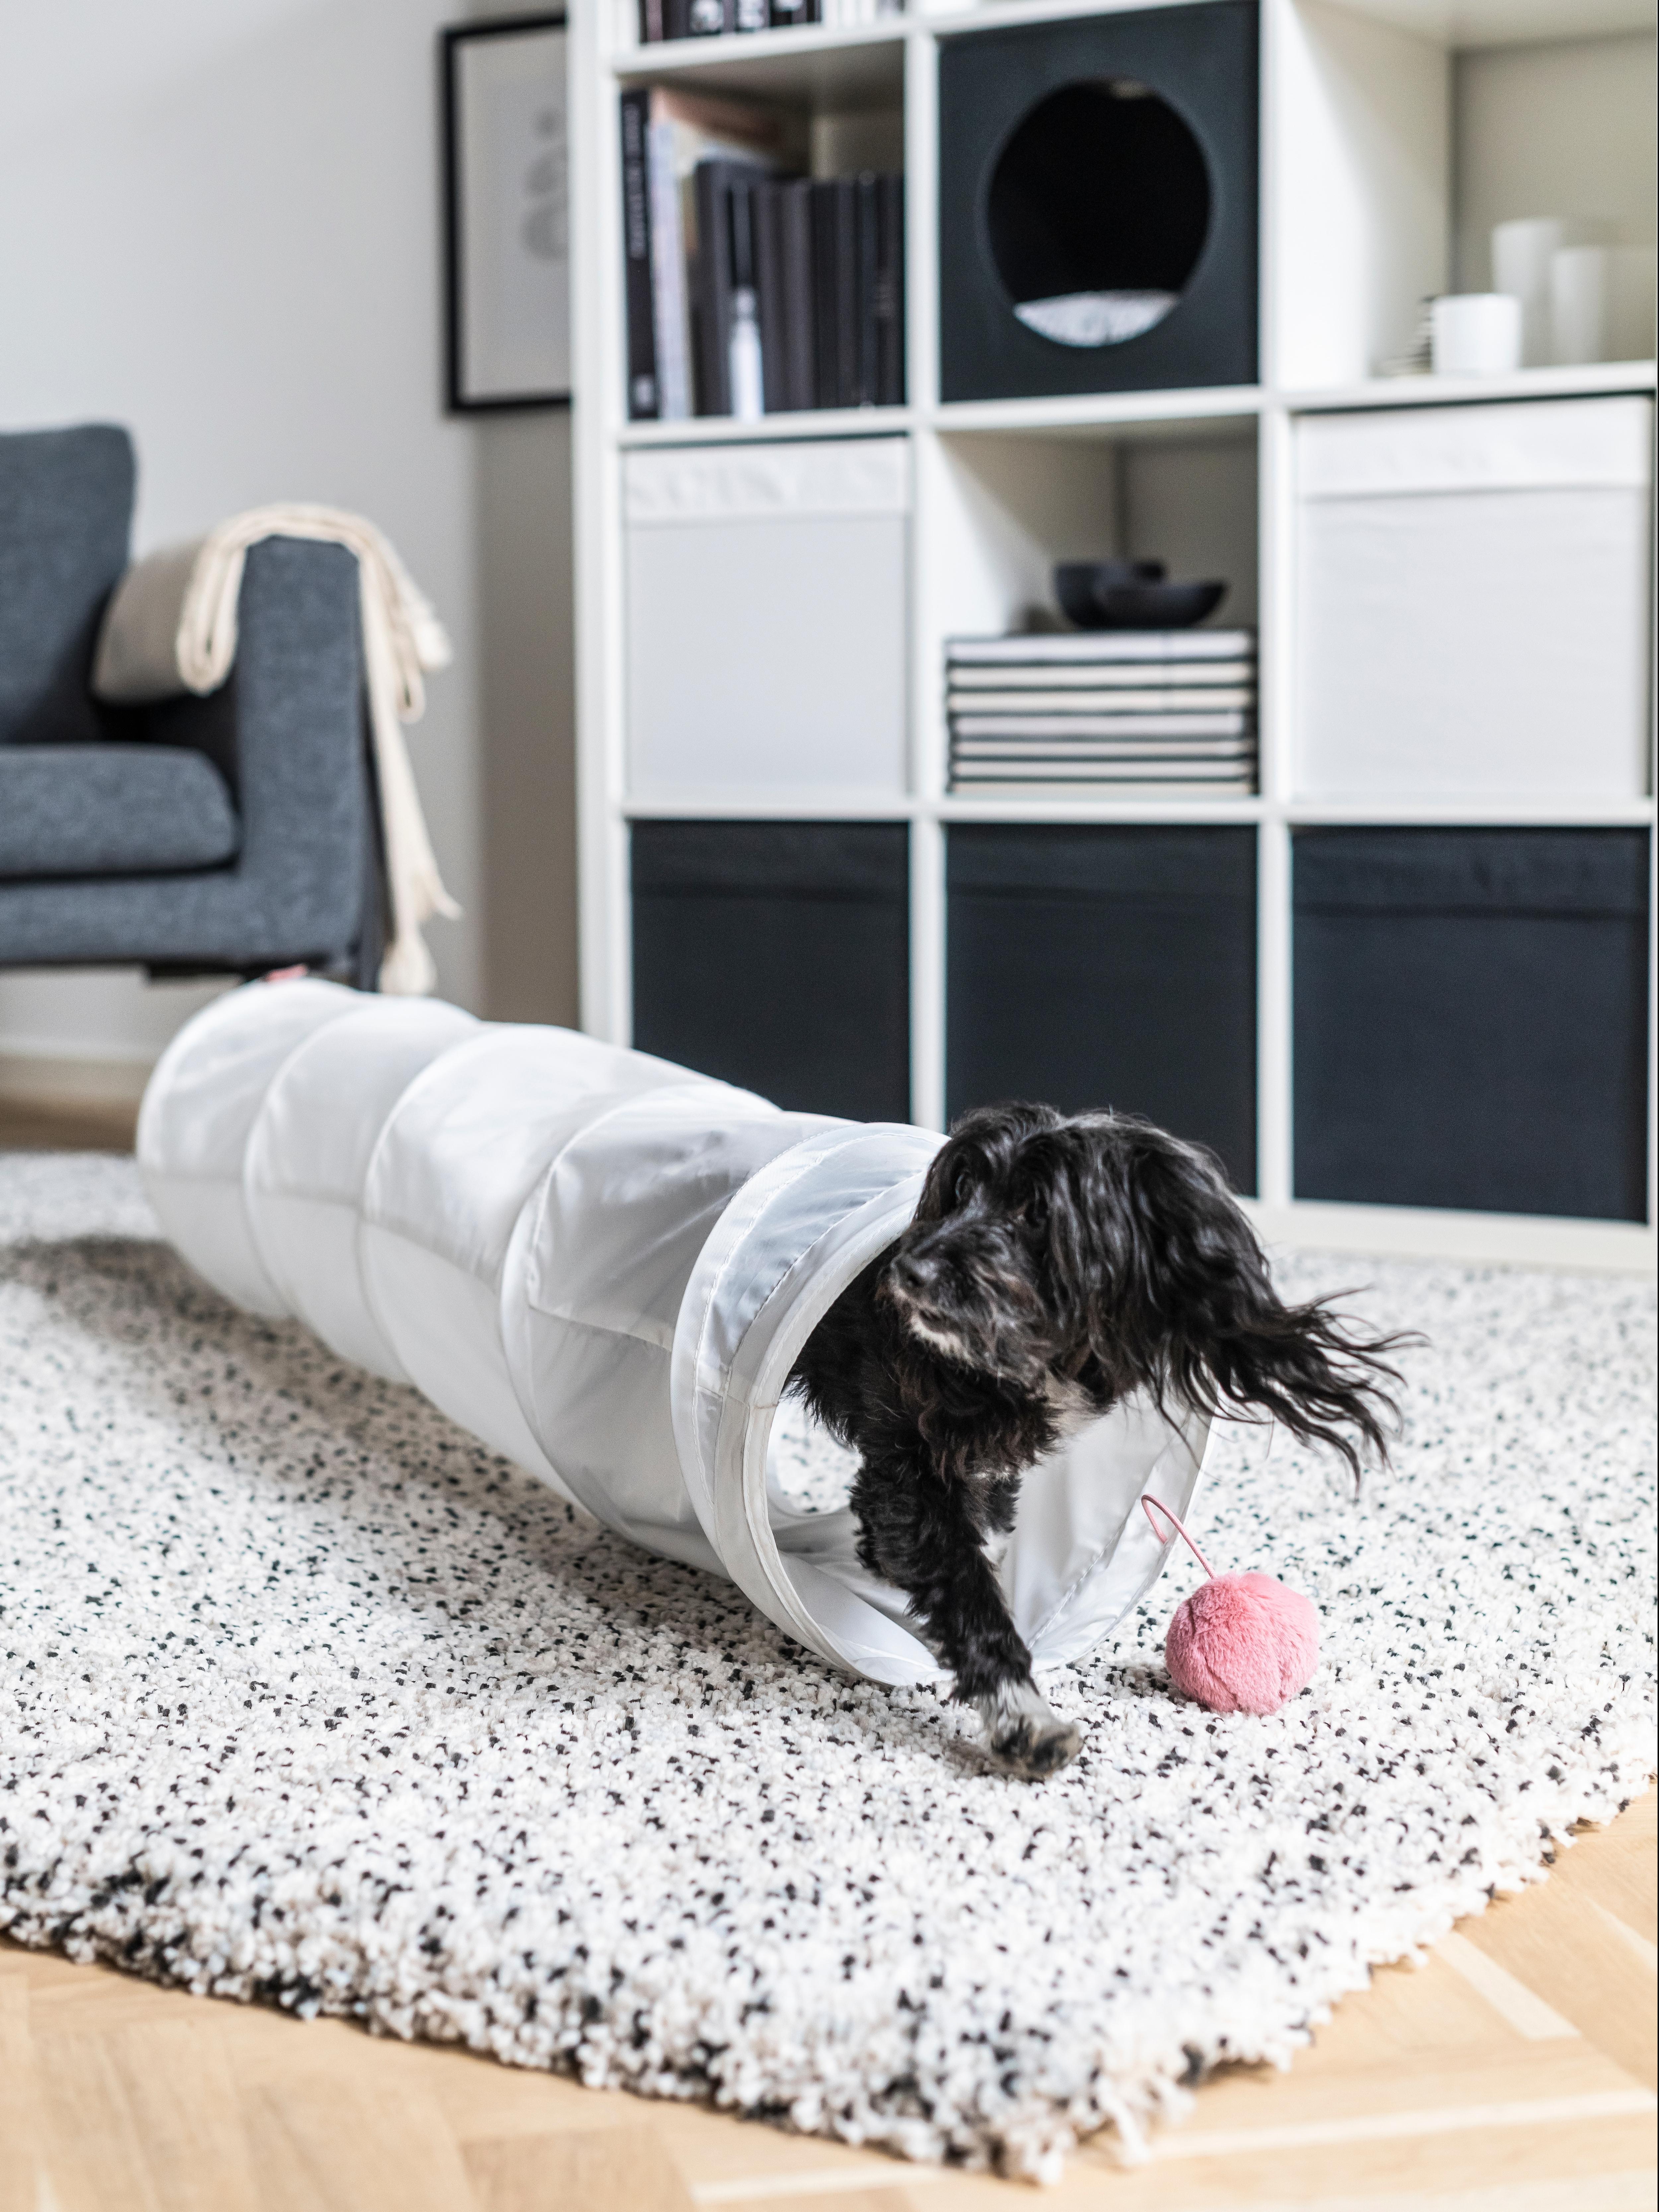 Mali pas izlazi iz LURVIG tunela koji je na bijelom tepihu s crnim točkicama. Roza igračka visi na kraju tunela.